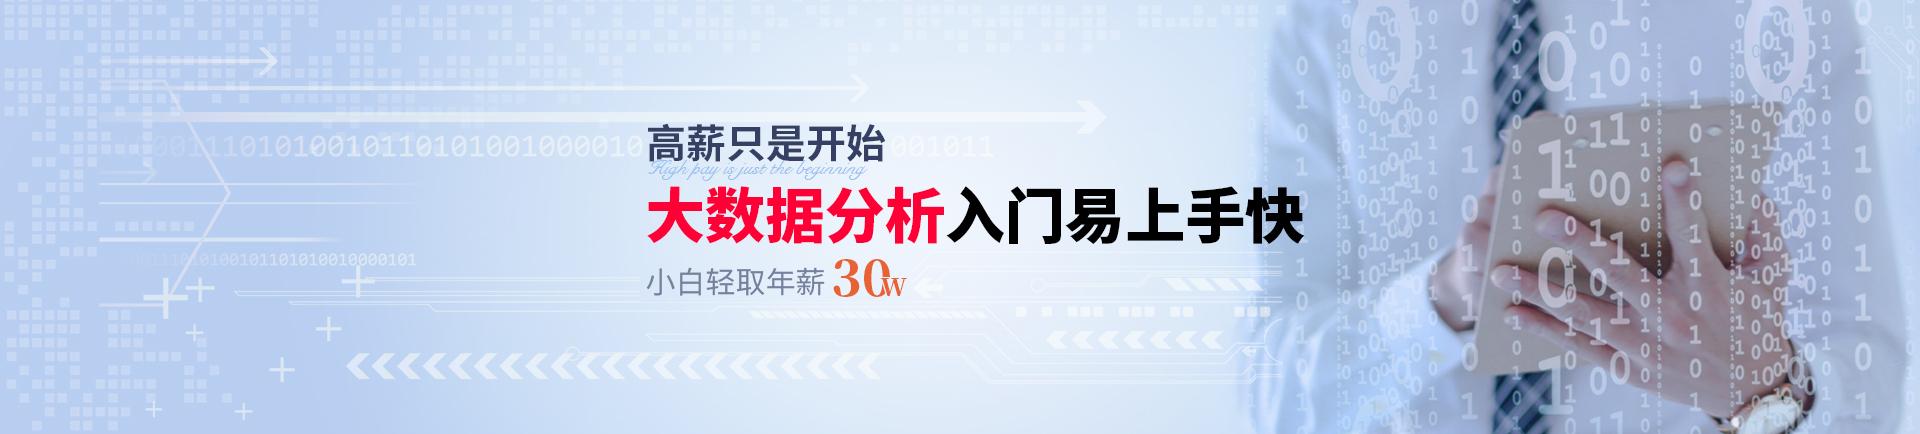 大数�分�入门易上手快 �白轻�年薪30W-shanghai